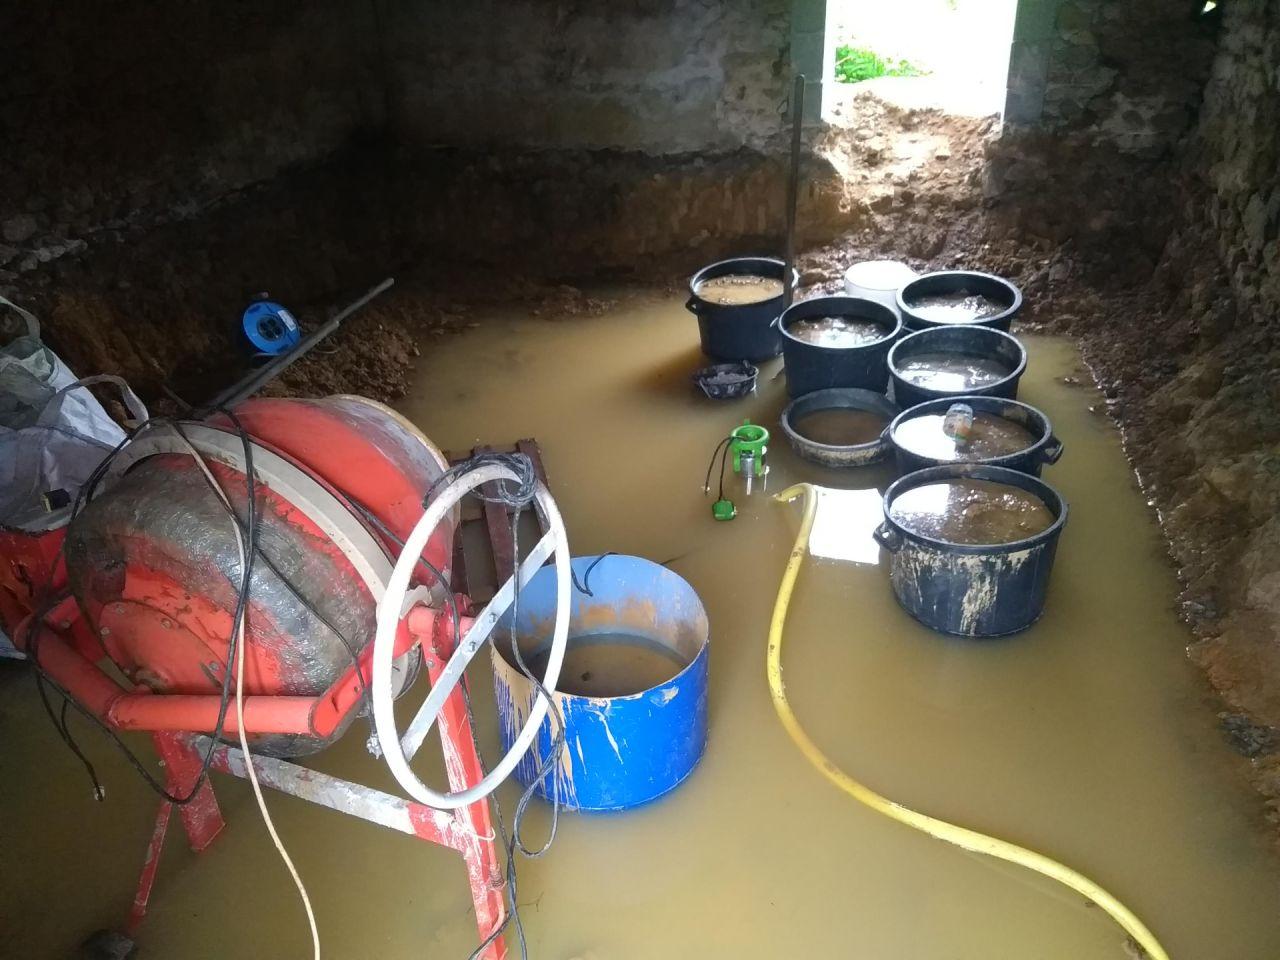 Les fouilles sont terminées <br /> La covid est passée, arrêt du chantier <br /> il pleut, beaucoup et longtemps ... c'est inondé  <br /> Heureusement il y a une pompe vide cave qui permettra de sortir plus de 3000 L d'eau sale. Mais le sol, très argileux, nécessitera plusieurs semaines de séchage avant d'être praticable sans s'enfoncer jusqu'aux chevilles. <br /> Ces inondations auront lieu deux fois ... première fois, environ 10 jours après les fouilles, la seconde la veille de la date prévue pour la reprise des travaux ... décalés de nouveau jusque mi juillet :(